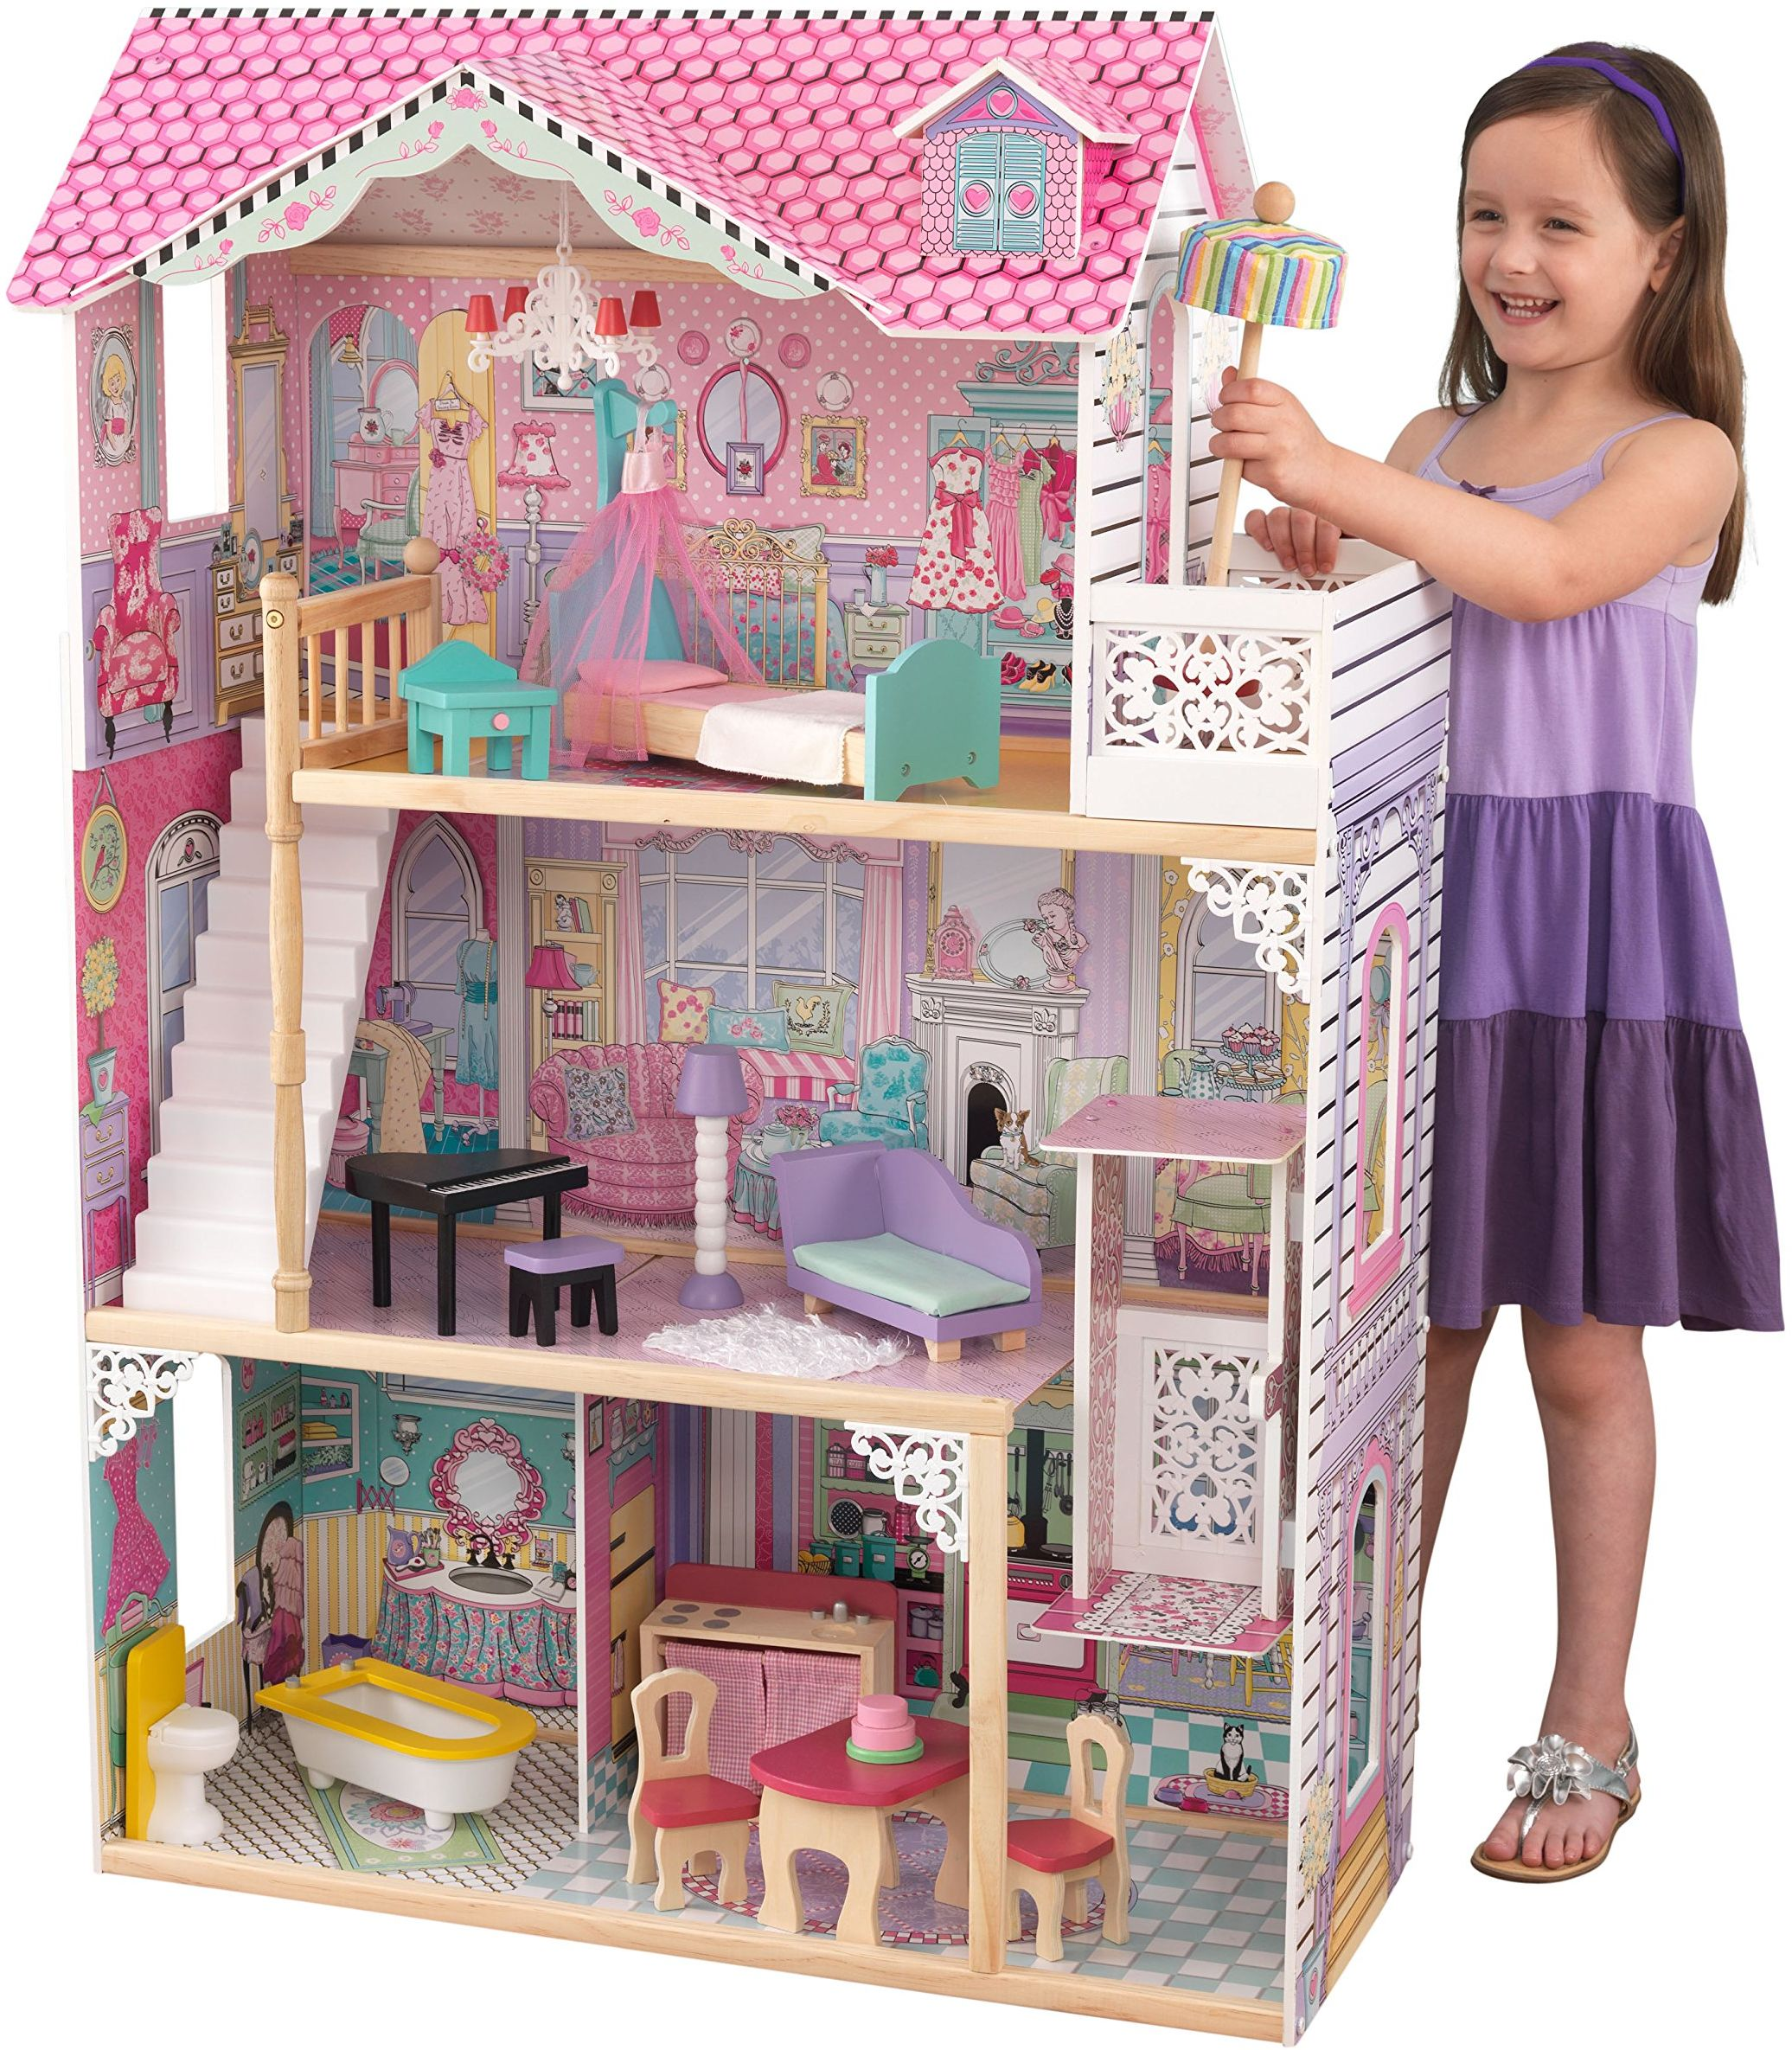 KidKraft 65934 Annabelle drewniany domek dla lalek z meblami i akcesoriami w zestawie, 3-piętrowy zestaw do zabawy dla lalek 30 cm / 12 cali